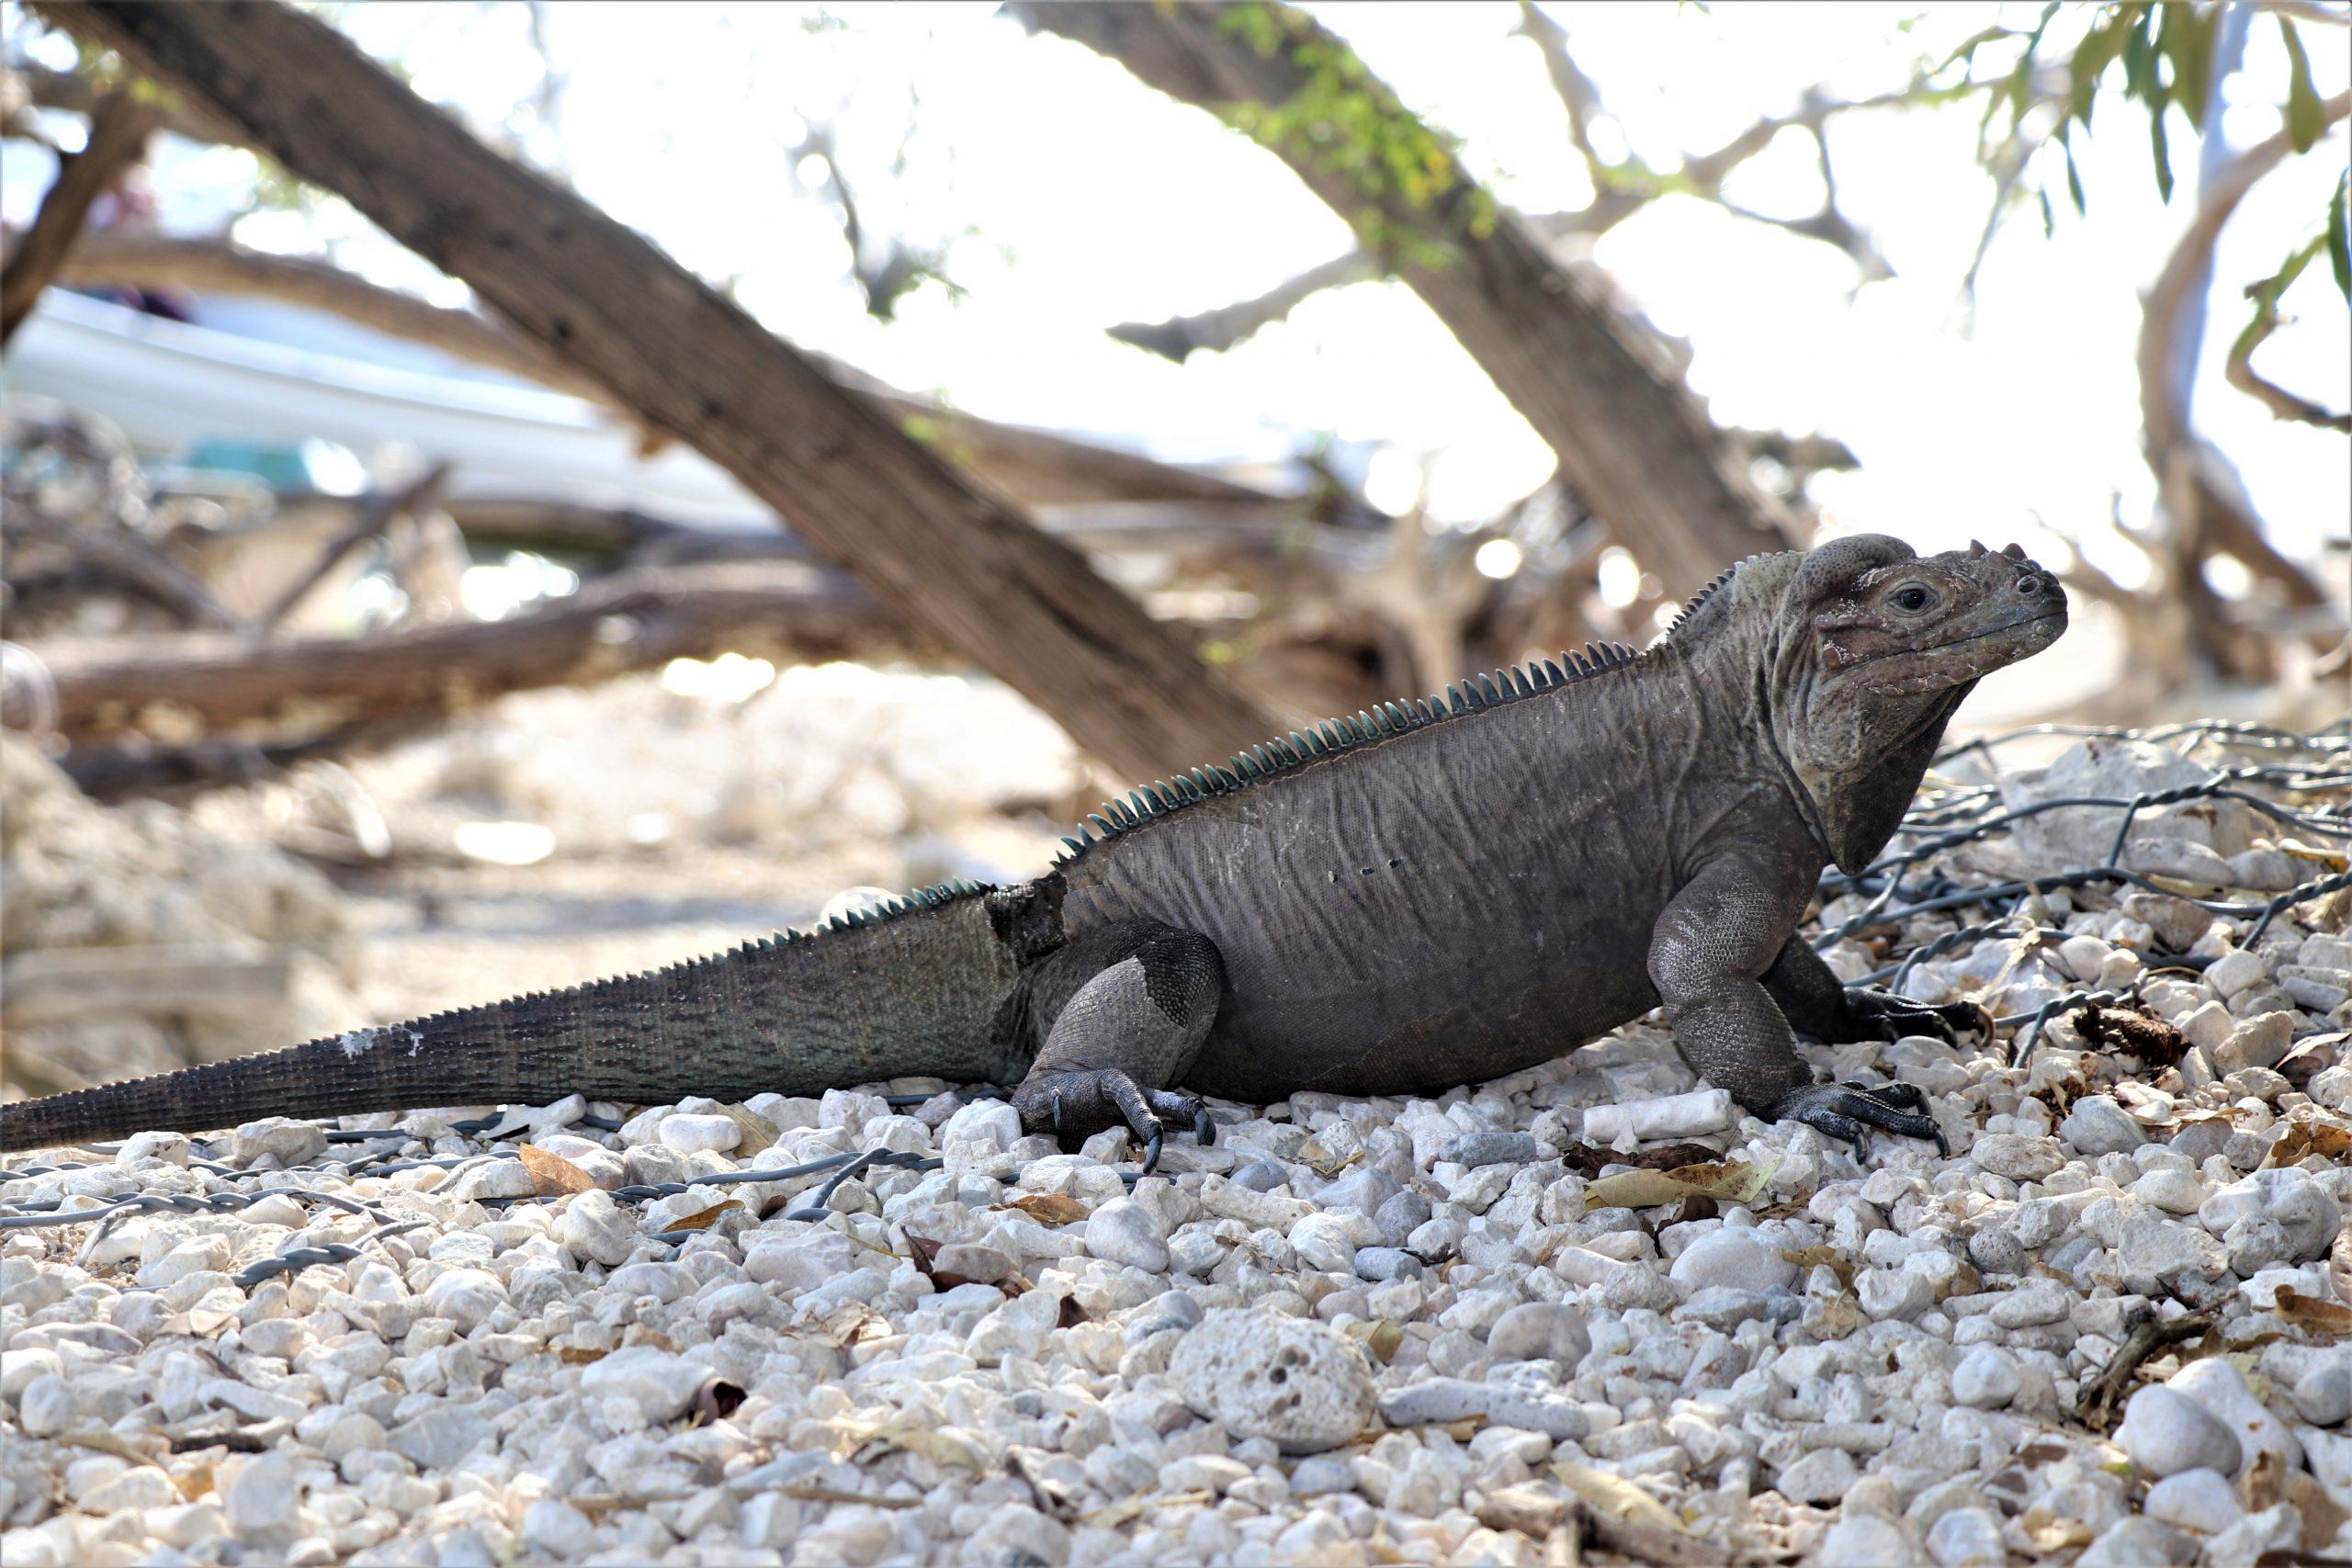 La iguana Rinoceronte, endémica de esta isla Española.